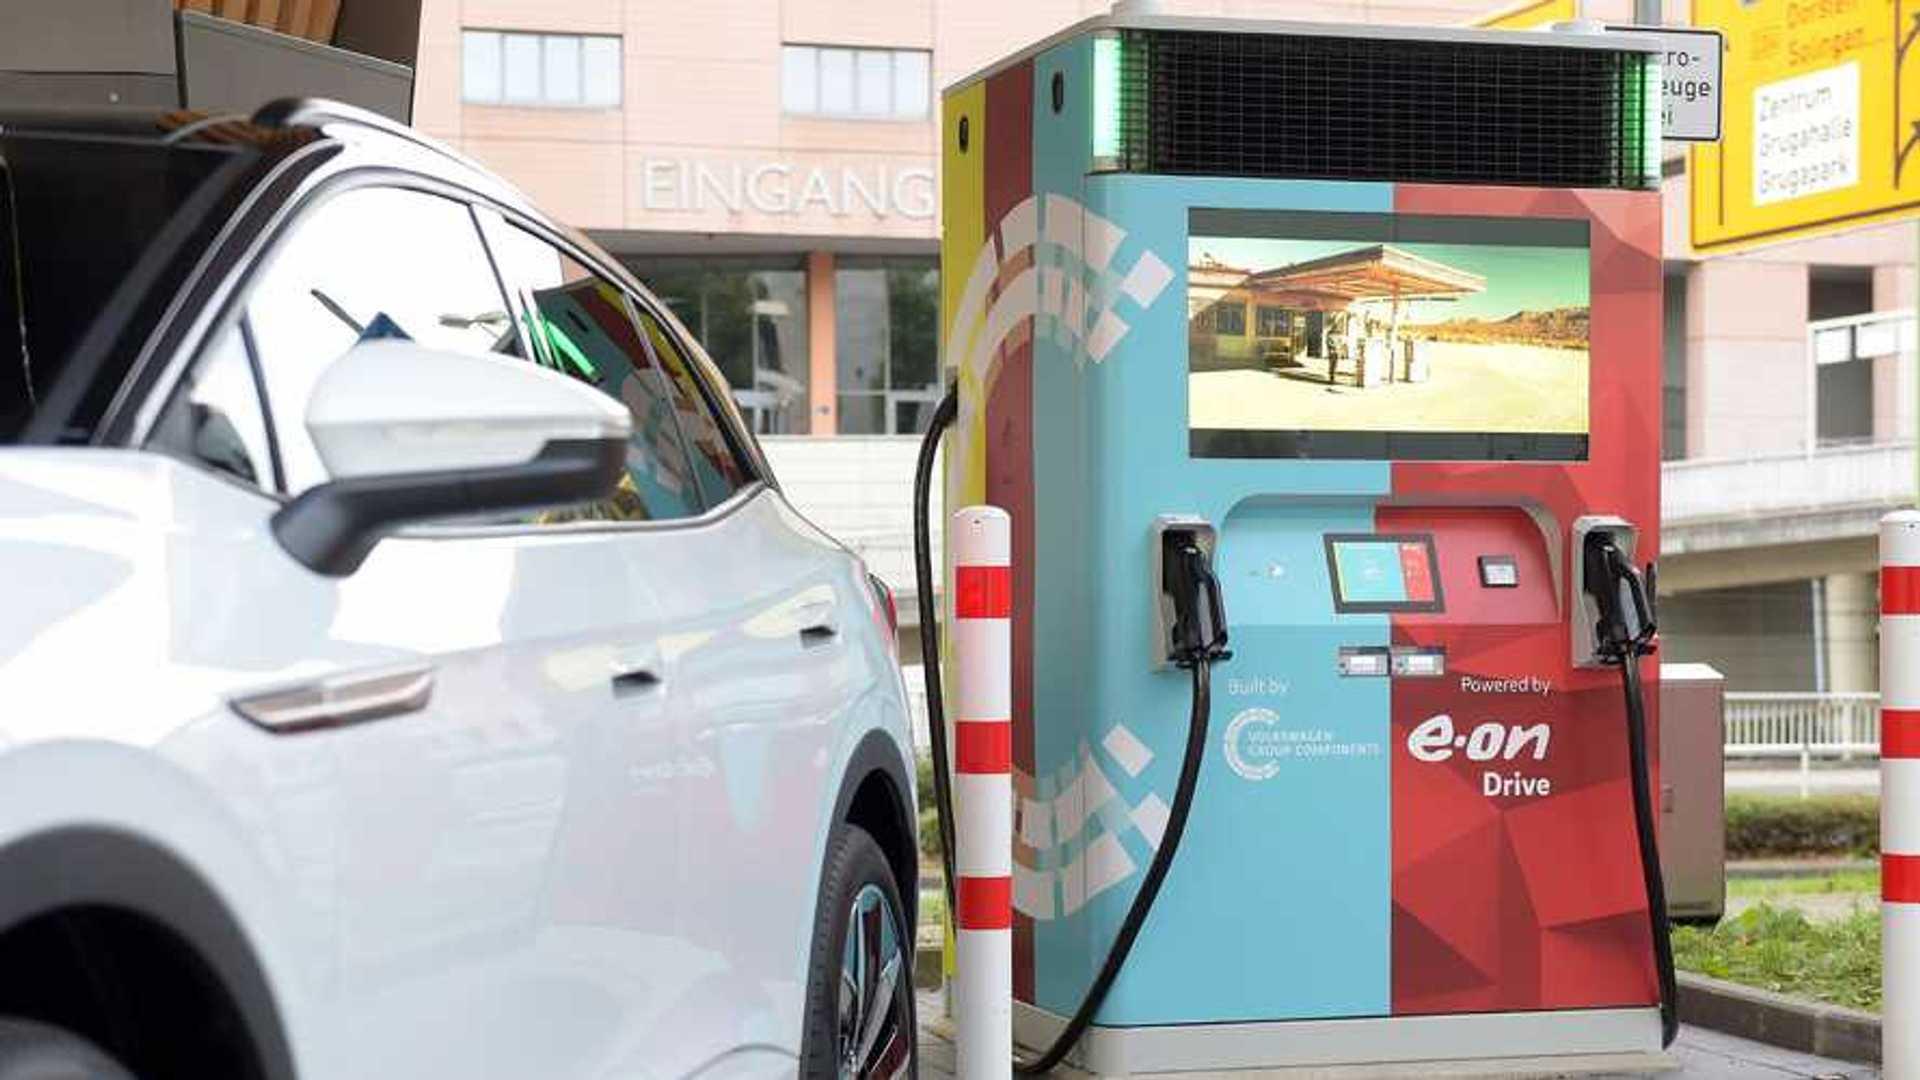 La borne VW-E.ON à batterie intégré peut révolutionner la charge